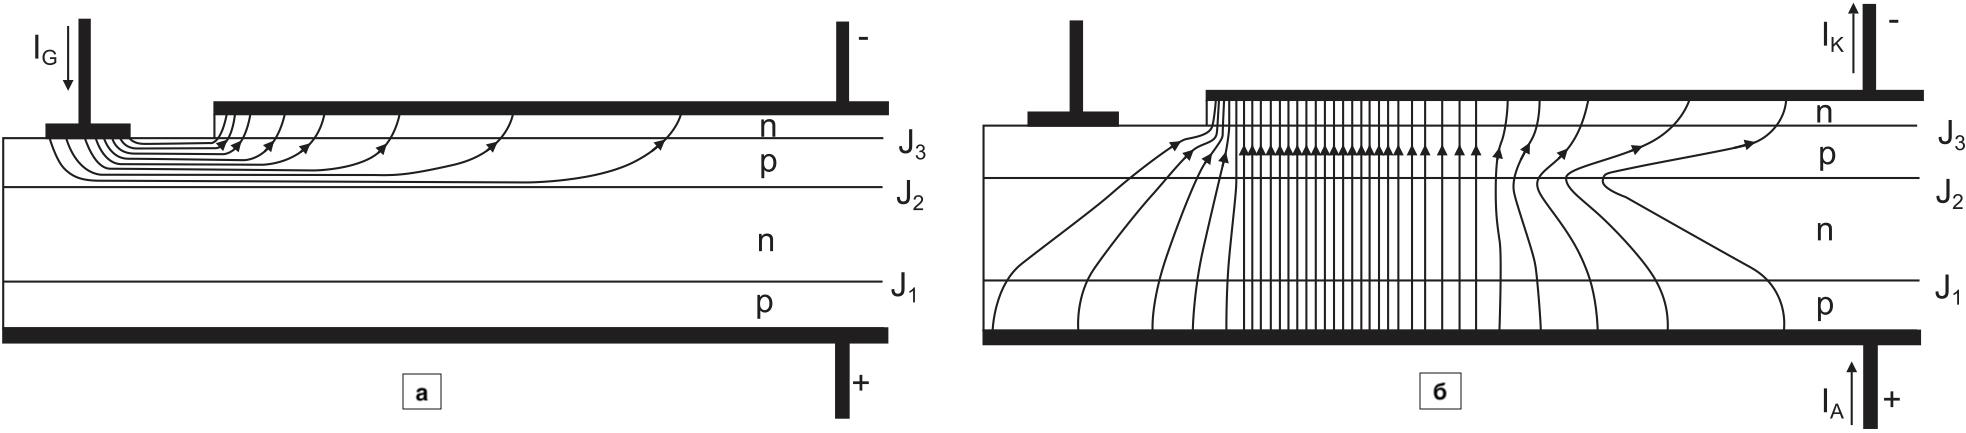 Распределение тока в тиристоре: после подачи тока на затвор; непосредственно после опрокидывания